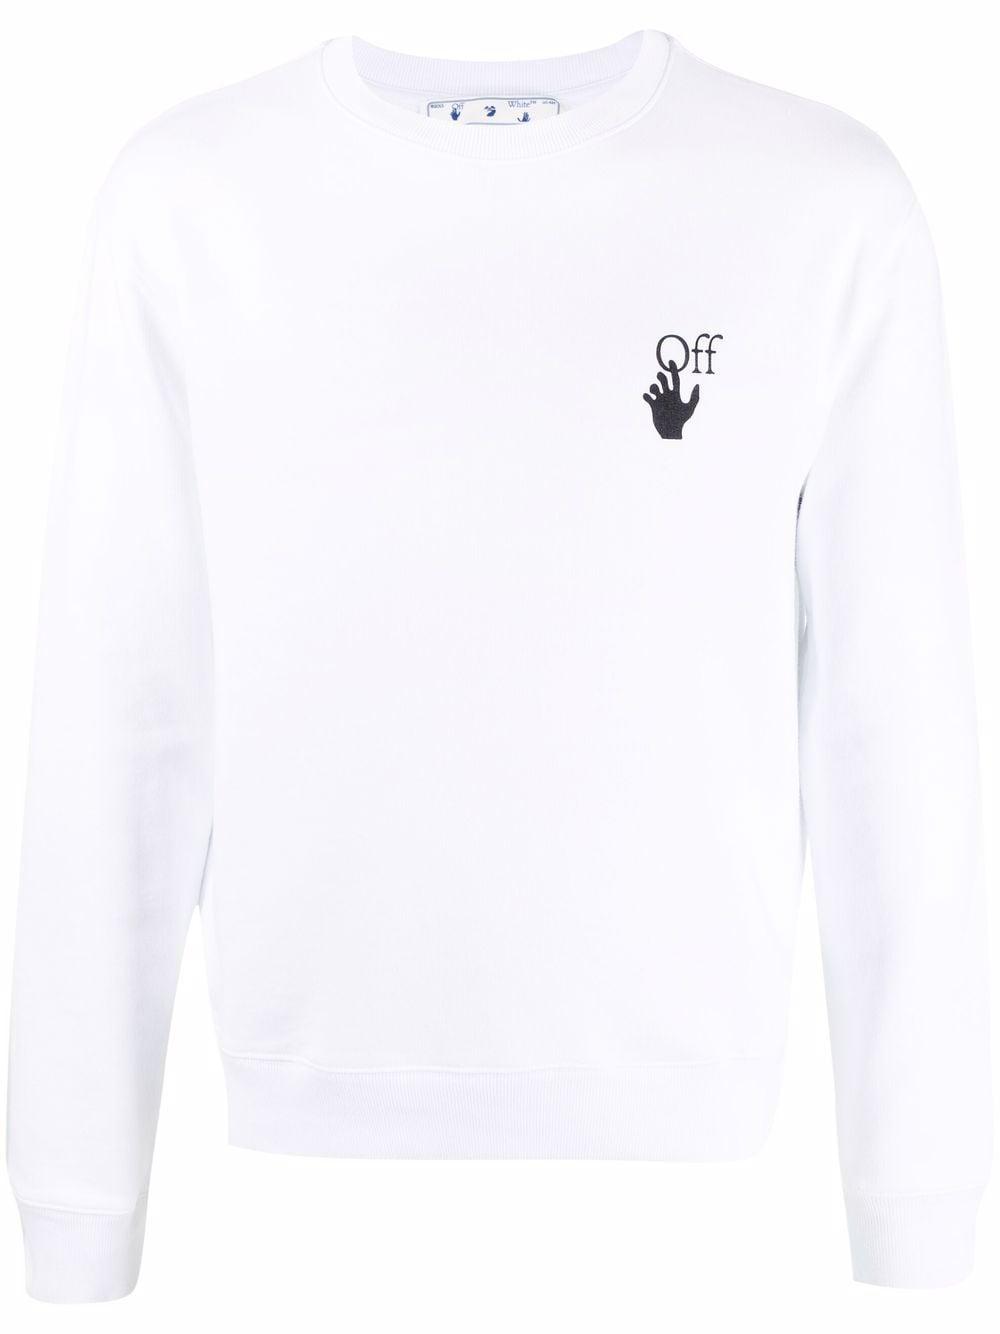 Off-White Sweatshirt mit Degrade Arrows-Motiv - Weiß